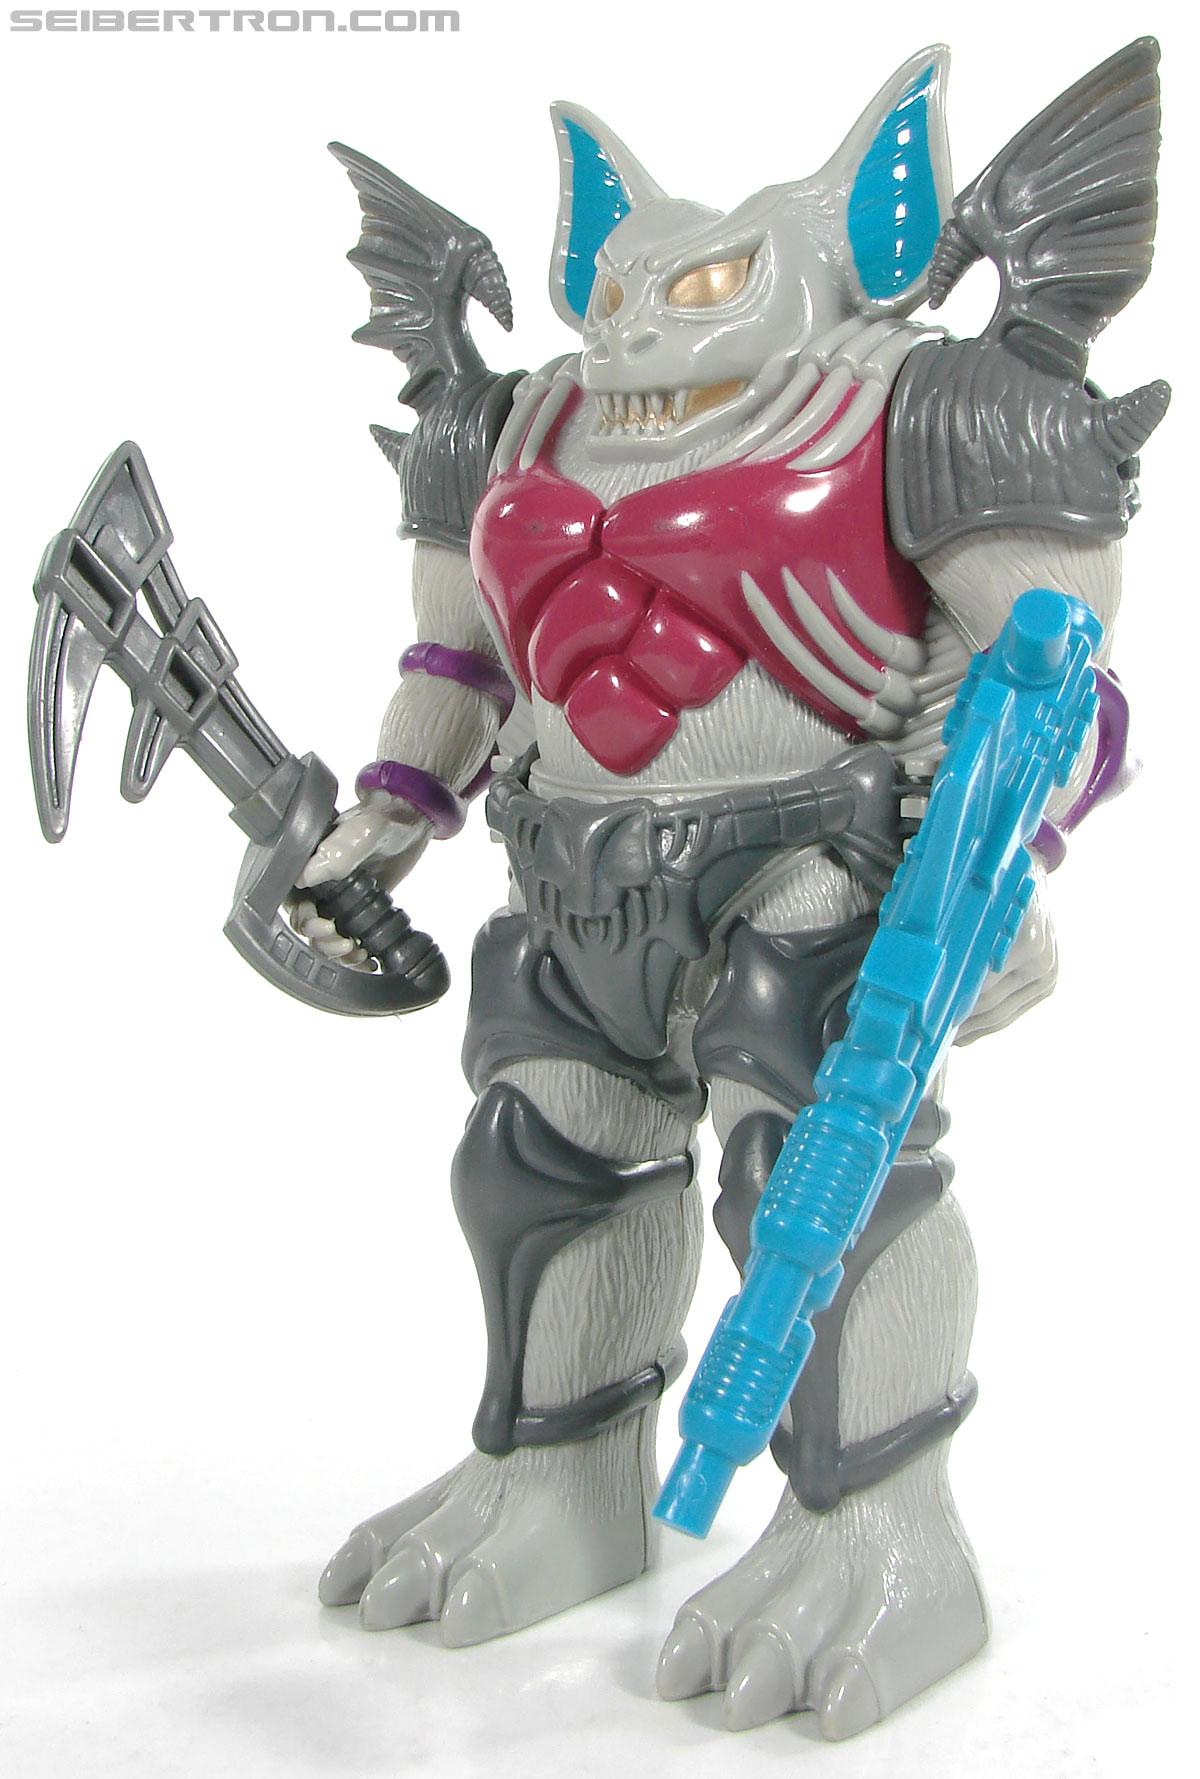 Transformers Super God Masterforce Bomb-Burst (Blood) (Image #46 of 169)